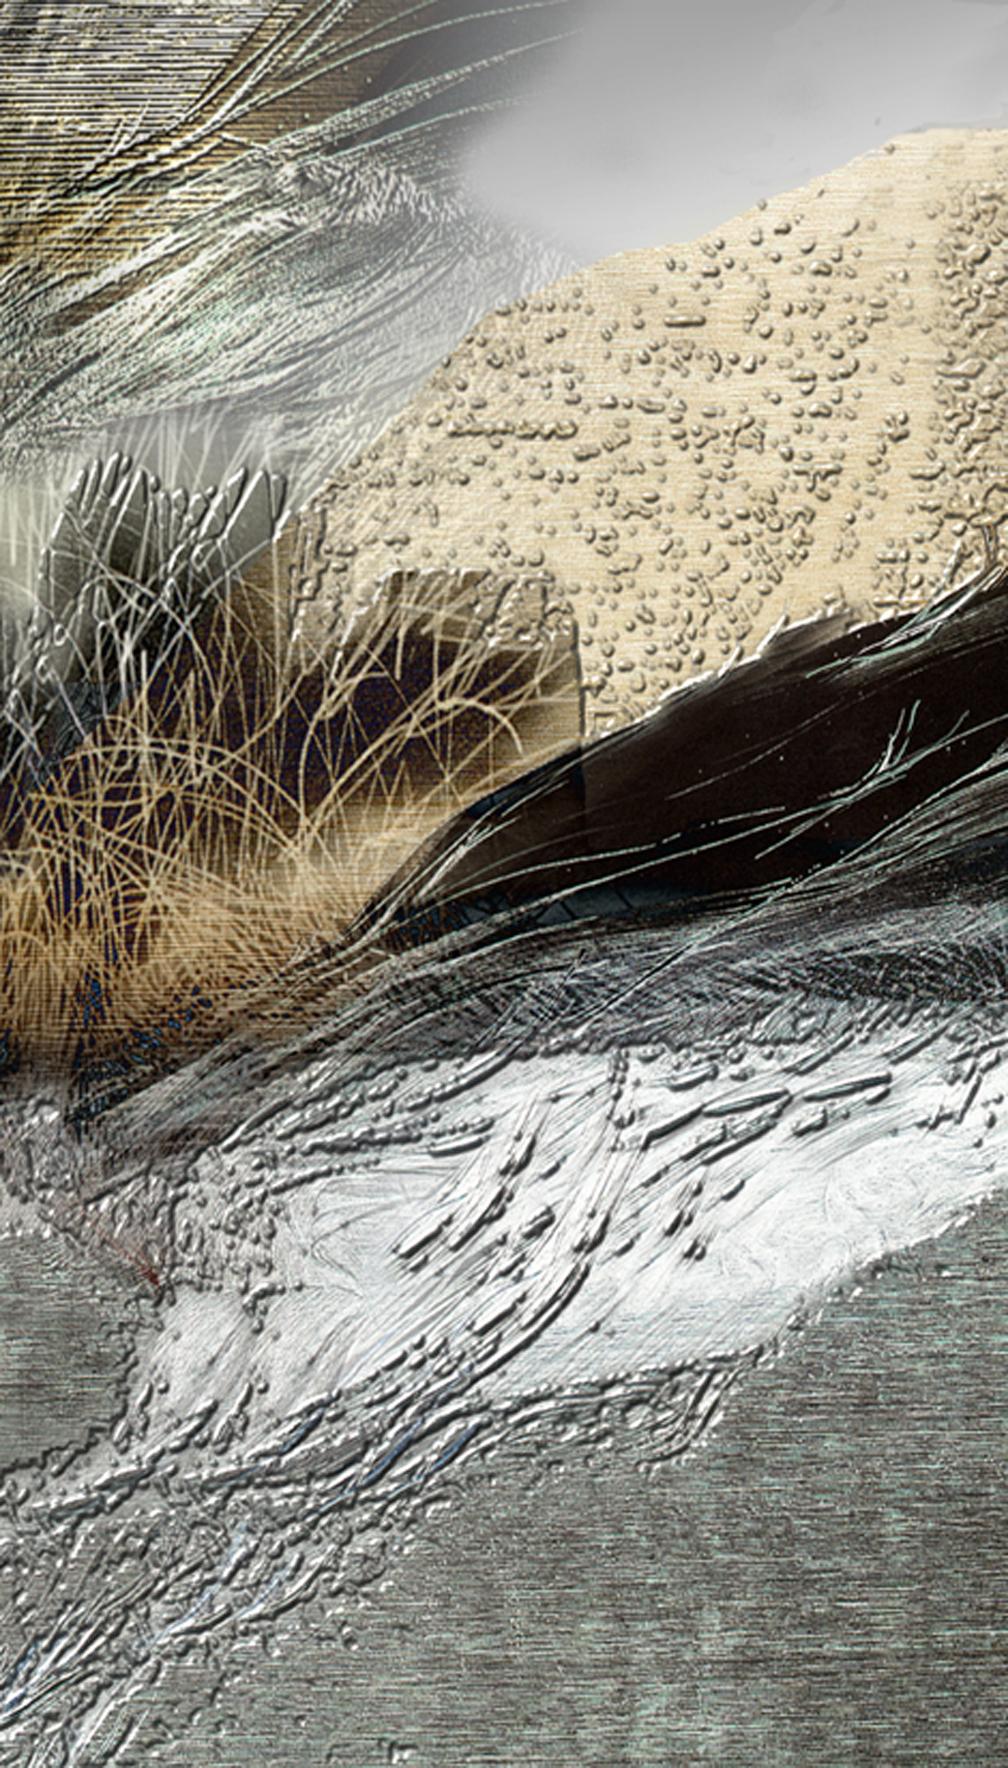 Oceany traw 2, Kołysane wiatrem, 100x70, 2000.jpg